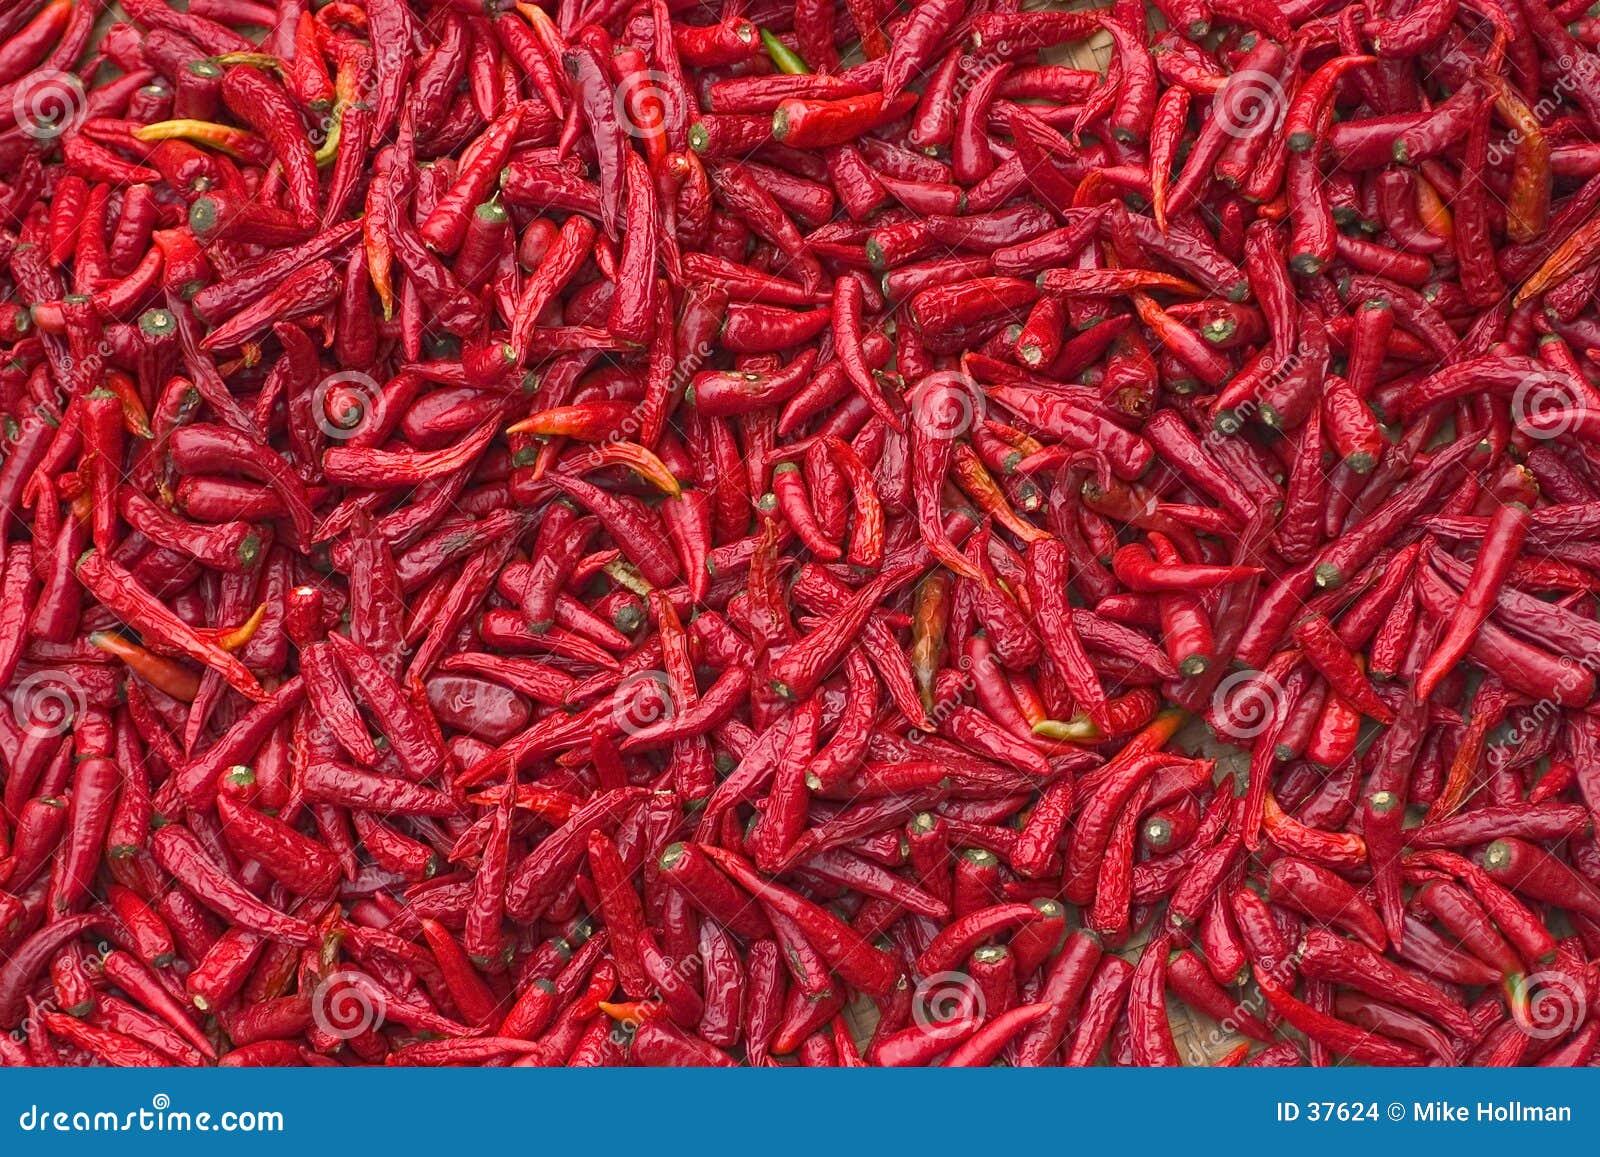 Download Chiles rojos foto de archivo. Imagen de peeper, ingrediente - 37624